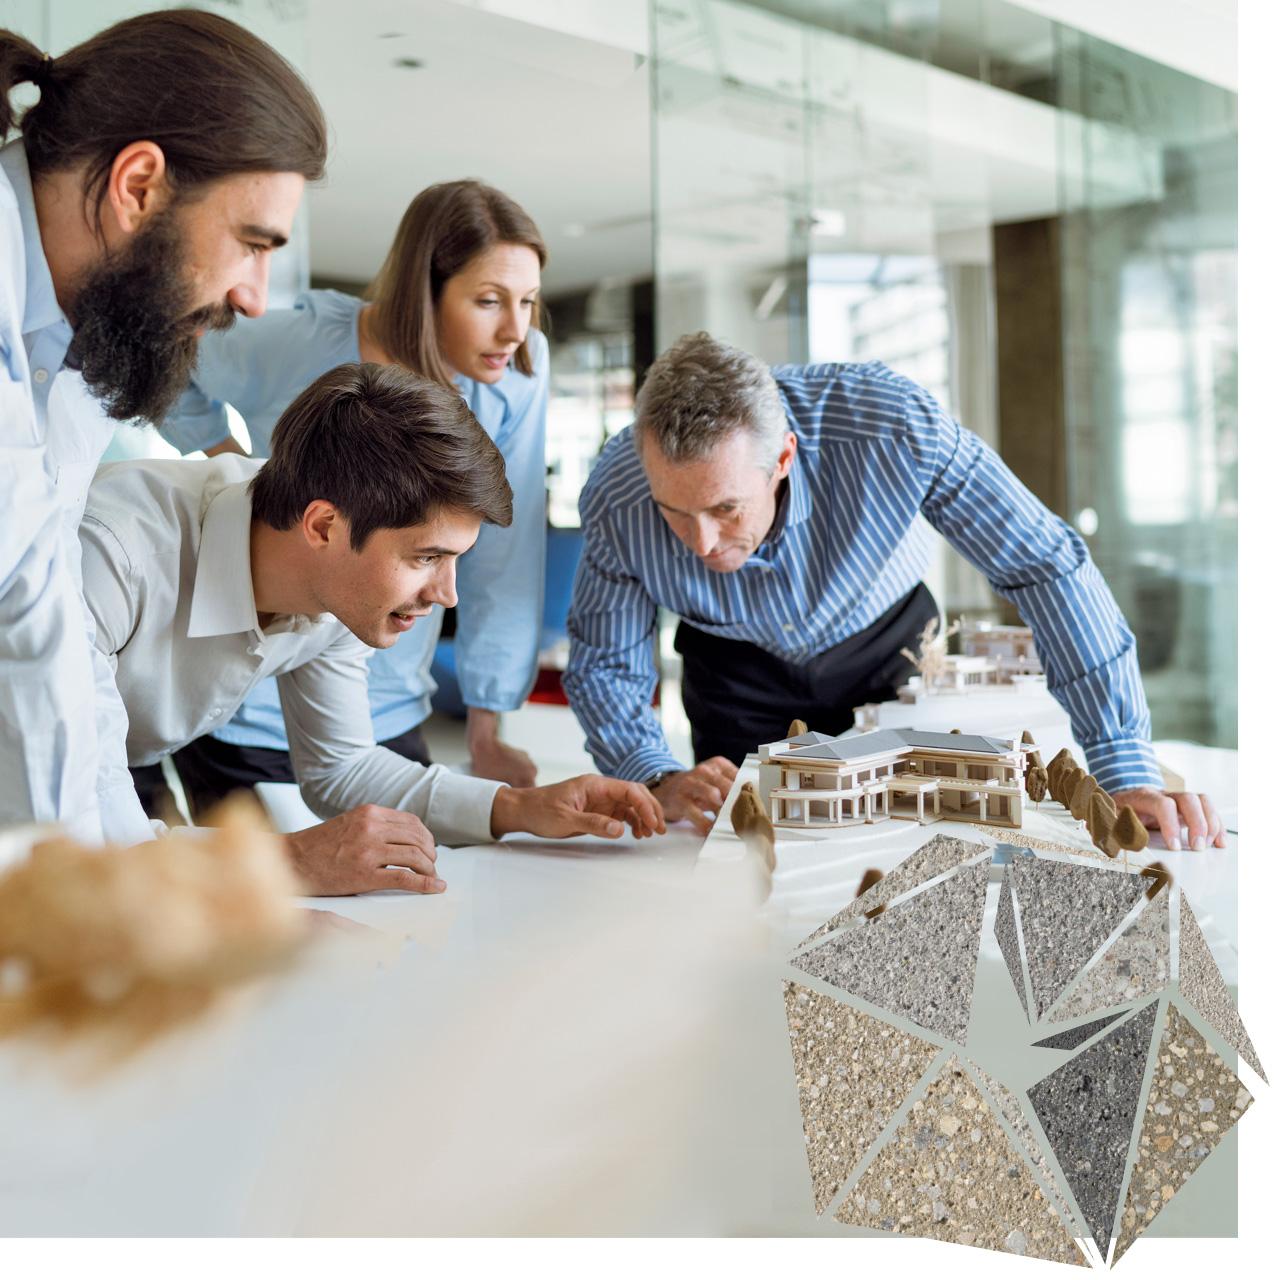 Architekten besprechen ein nachgebautes Projekt. Das neo³-Vorbild nube ist auch zu sehen.